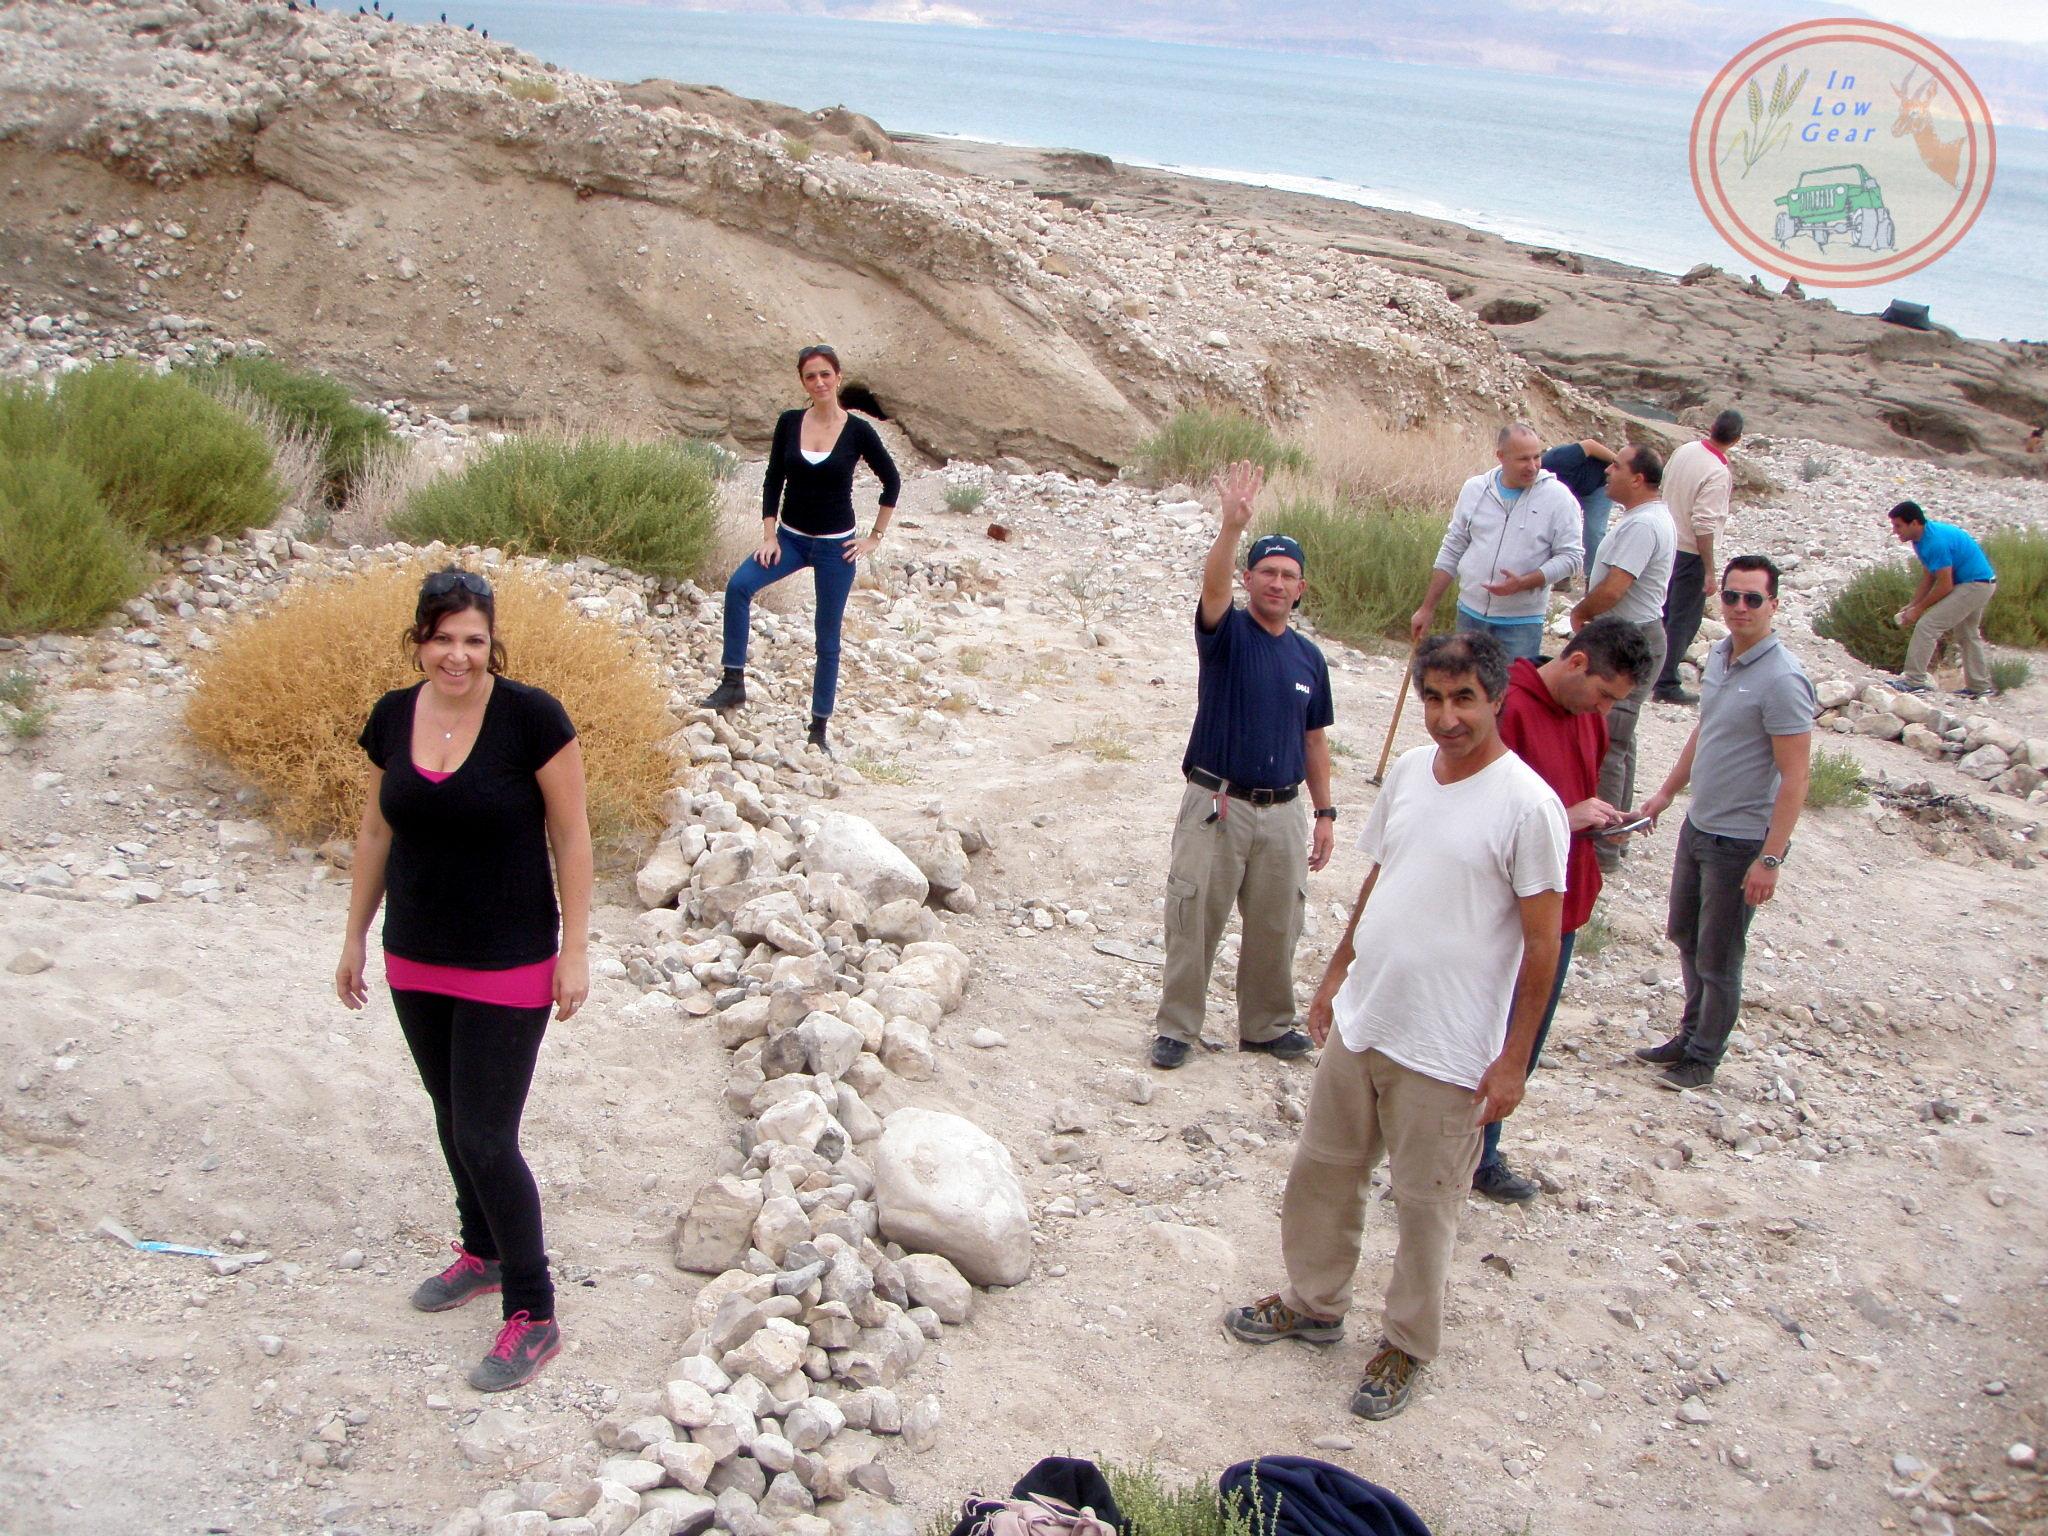 WS Research: Dead Sea soil desalinization. סדנת מחקר פרמקלצ'ר: נטרול מליחות קרקע ים המלח